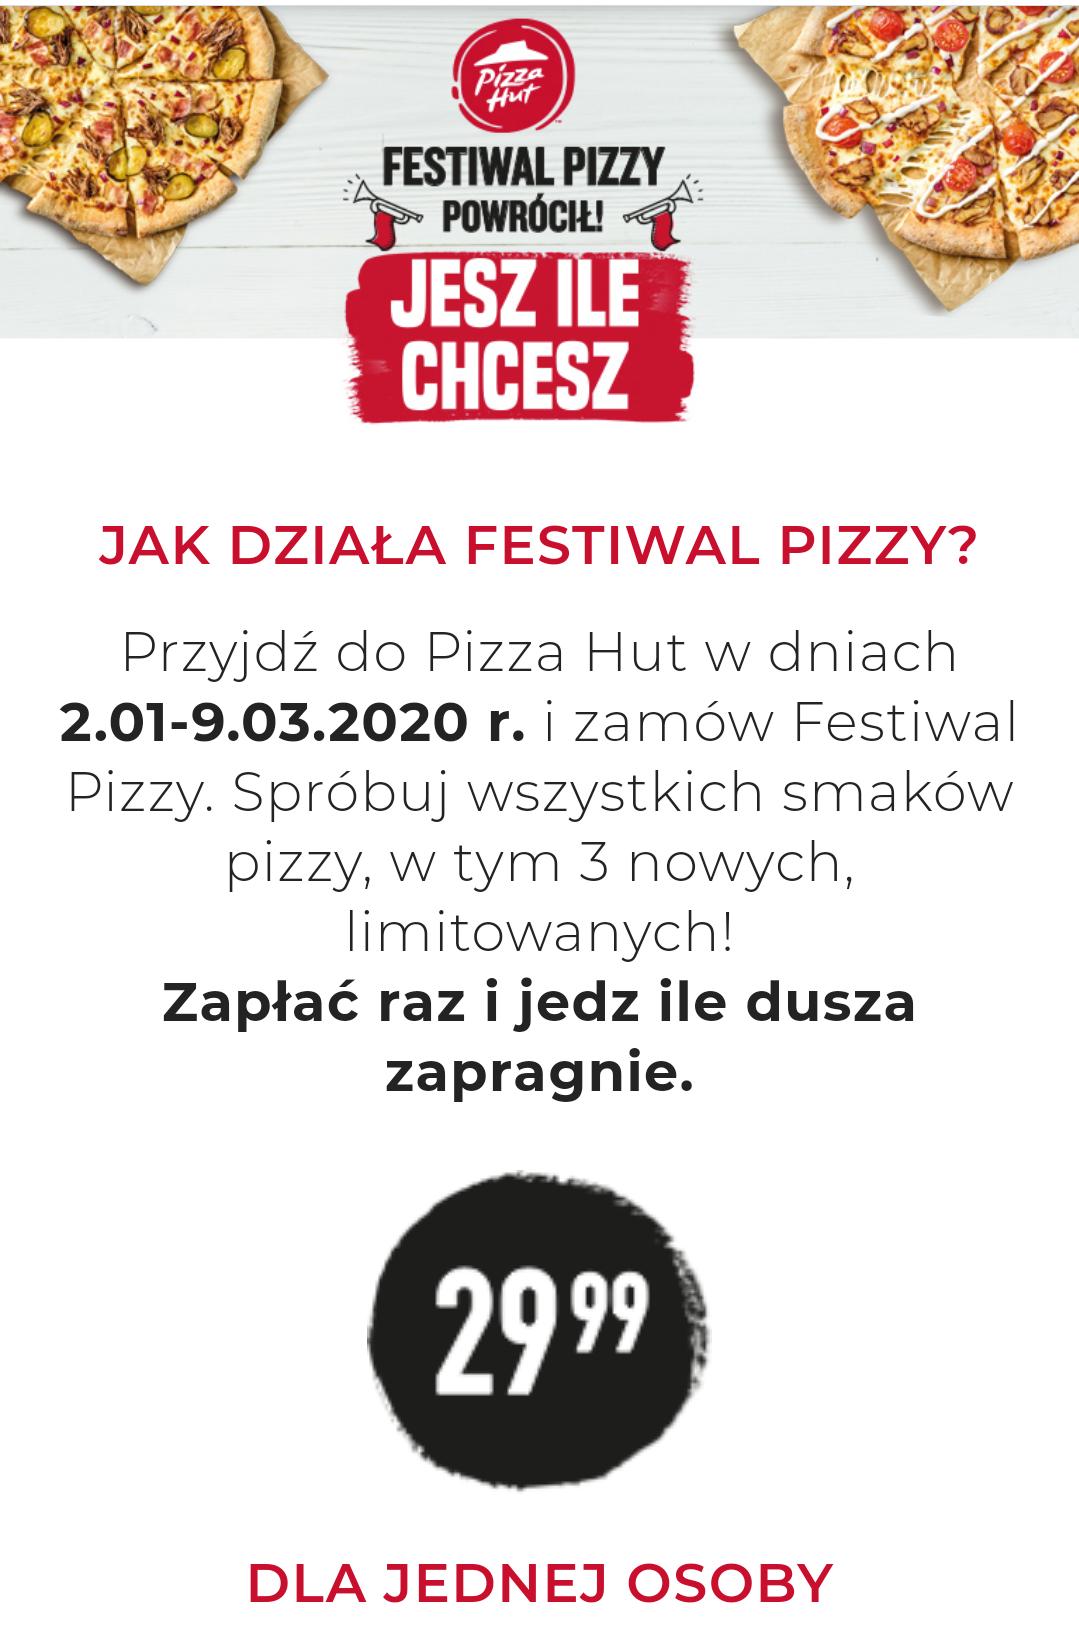 FESTIWAL PIZZY w Pizza Hut znowu powraca!